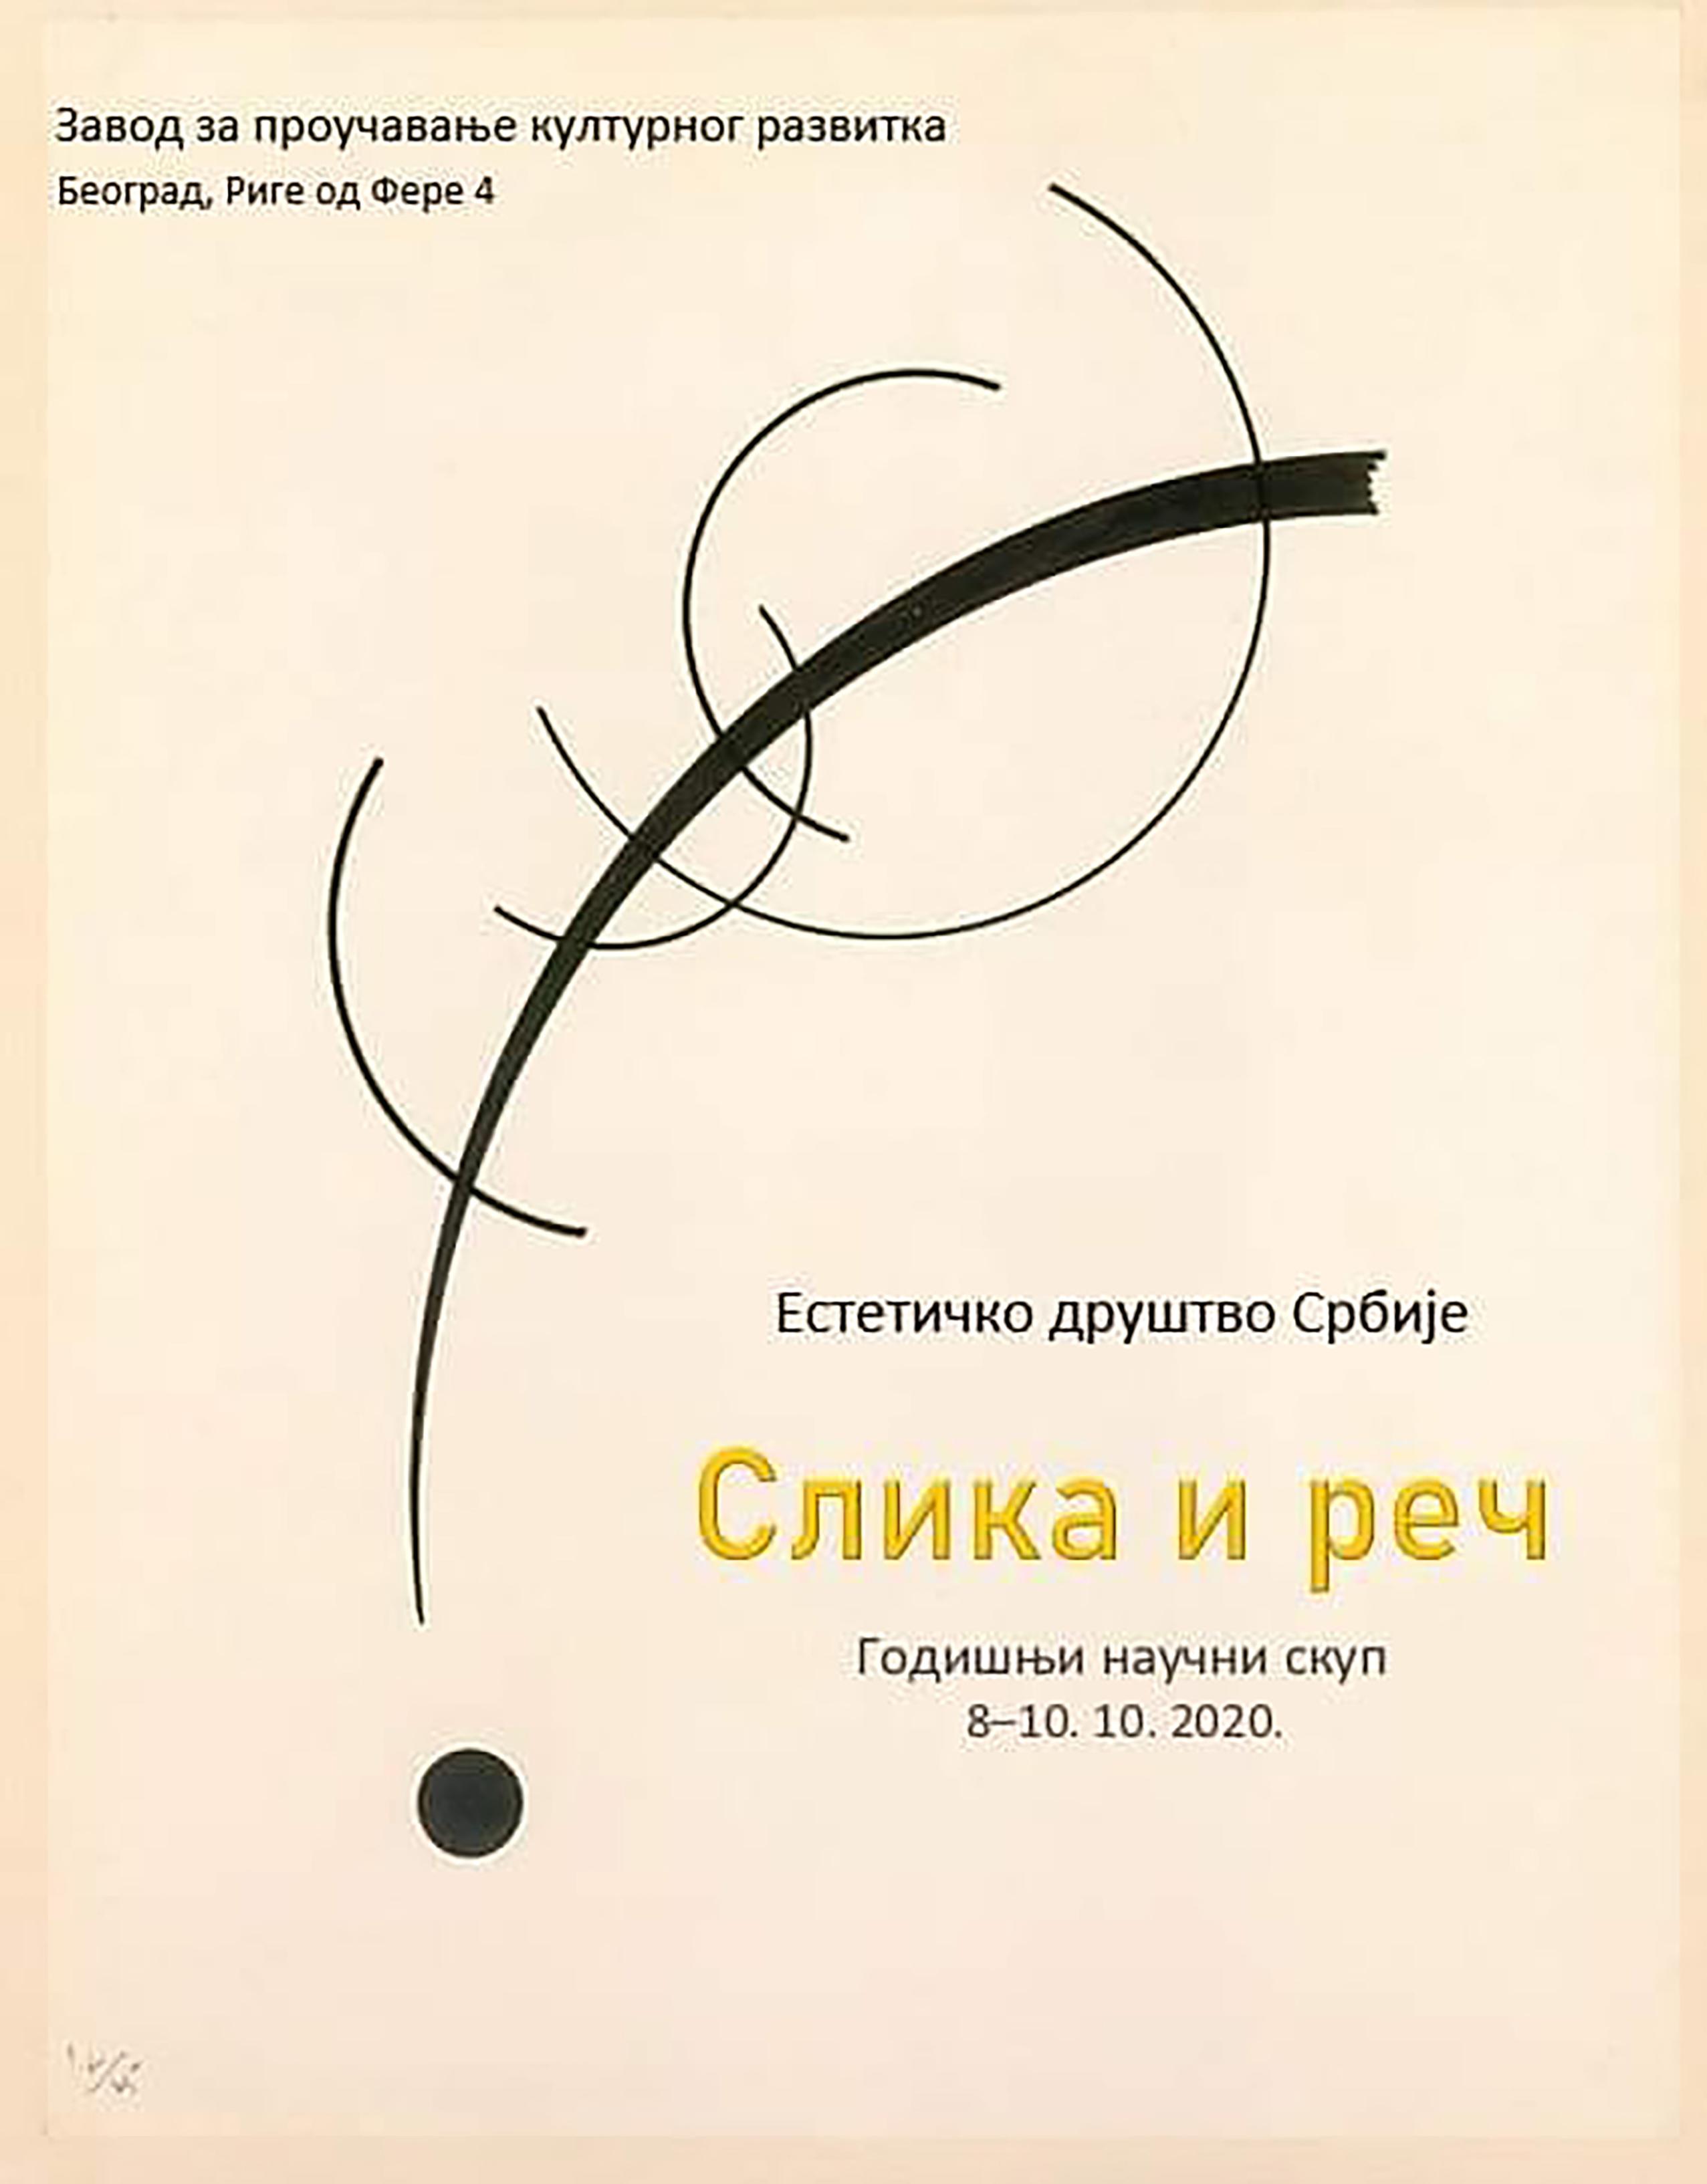 Godišnji naučni skup Estetičkog društva Srbije